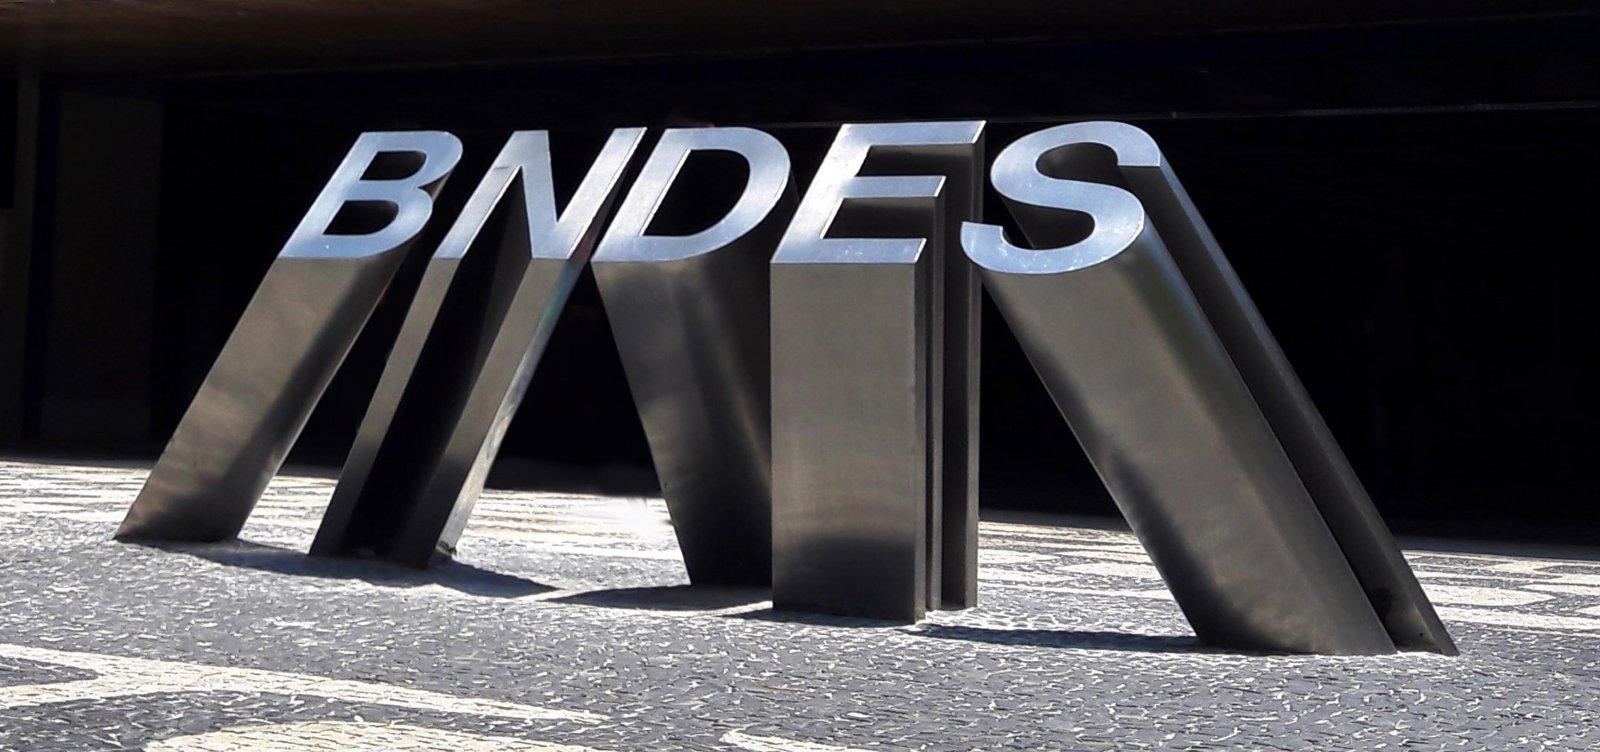 BNDES irá pedir explicações à Ford sobre fechamento de fábricas no Brasil